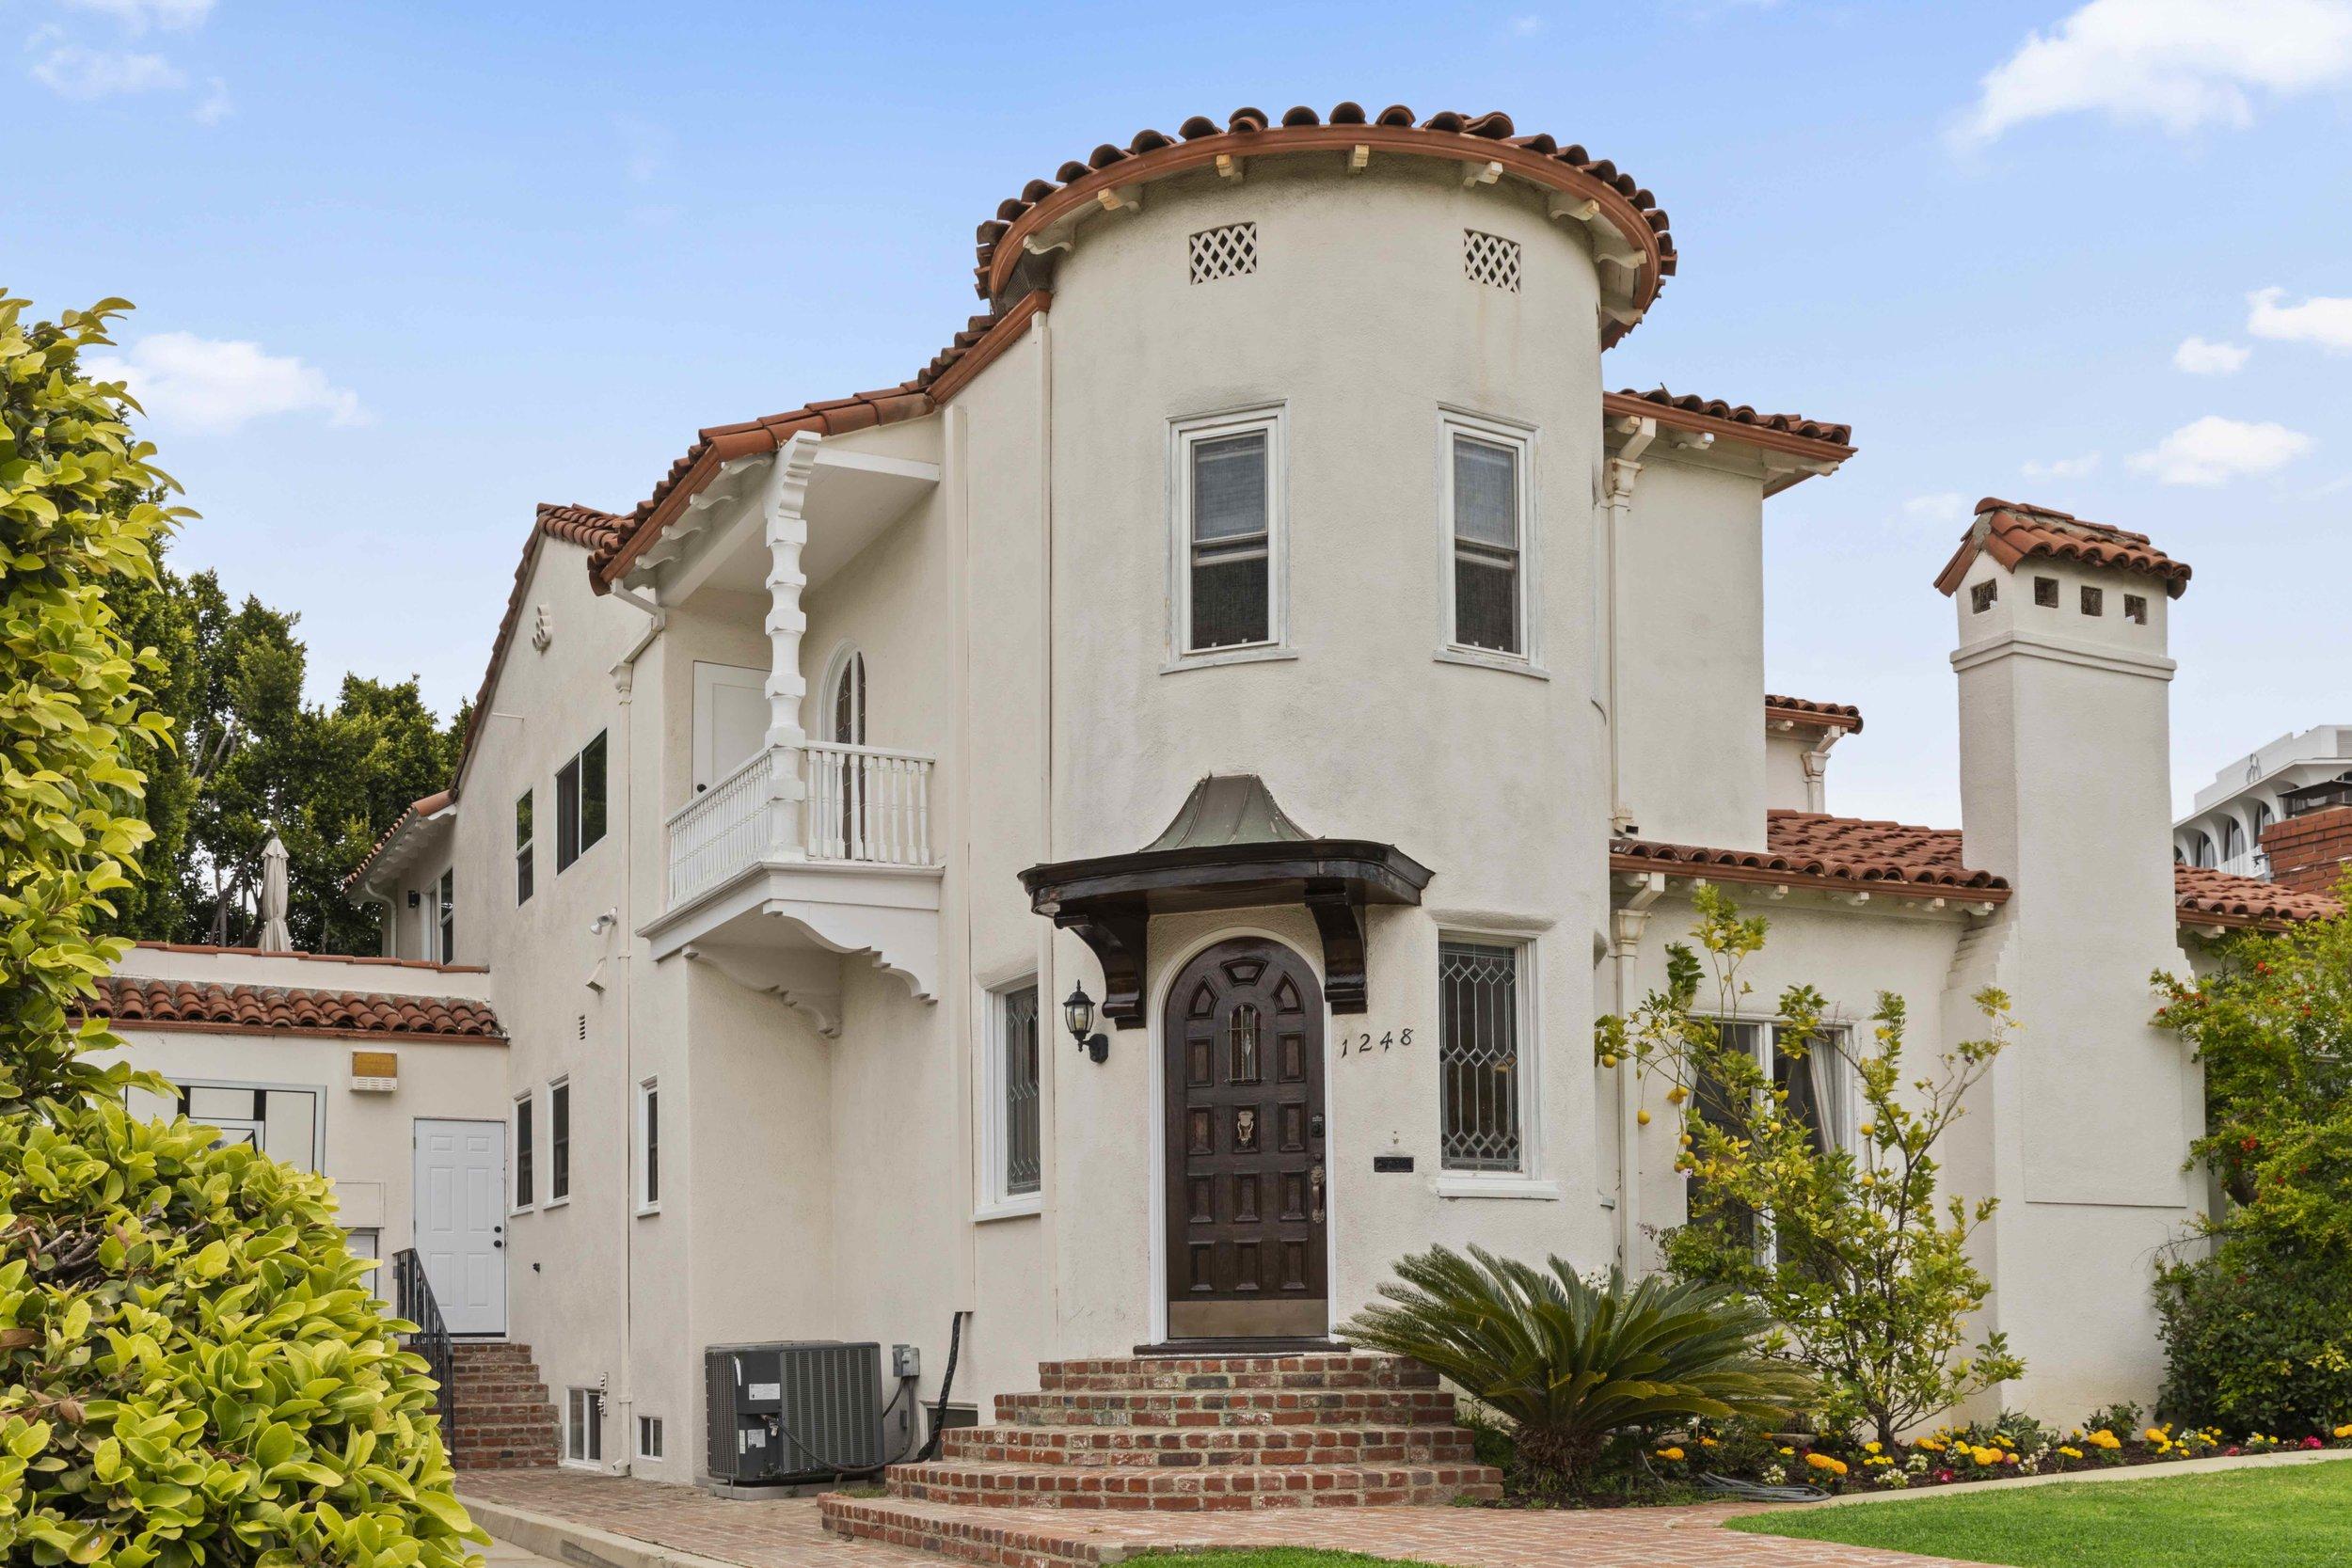 1248 S. Camden Los Angeles